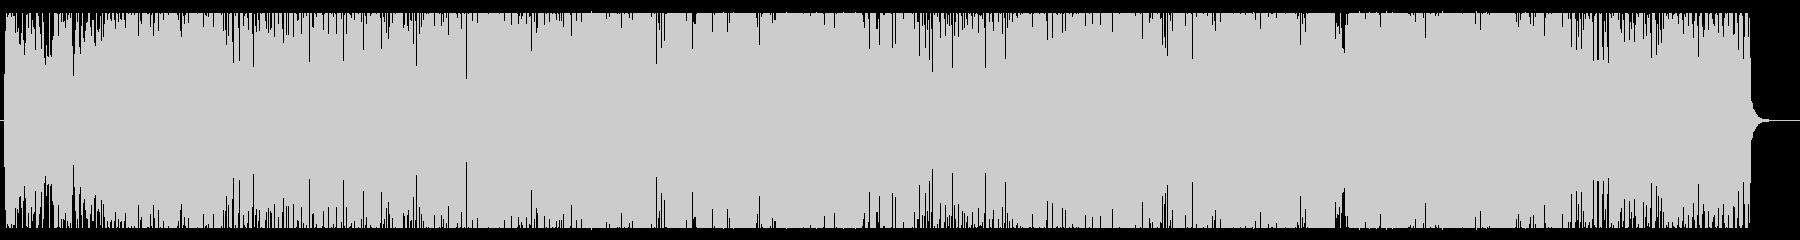 ピアノの旋律がお洒落でキャッチーなポップの未再生の波形